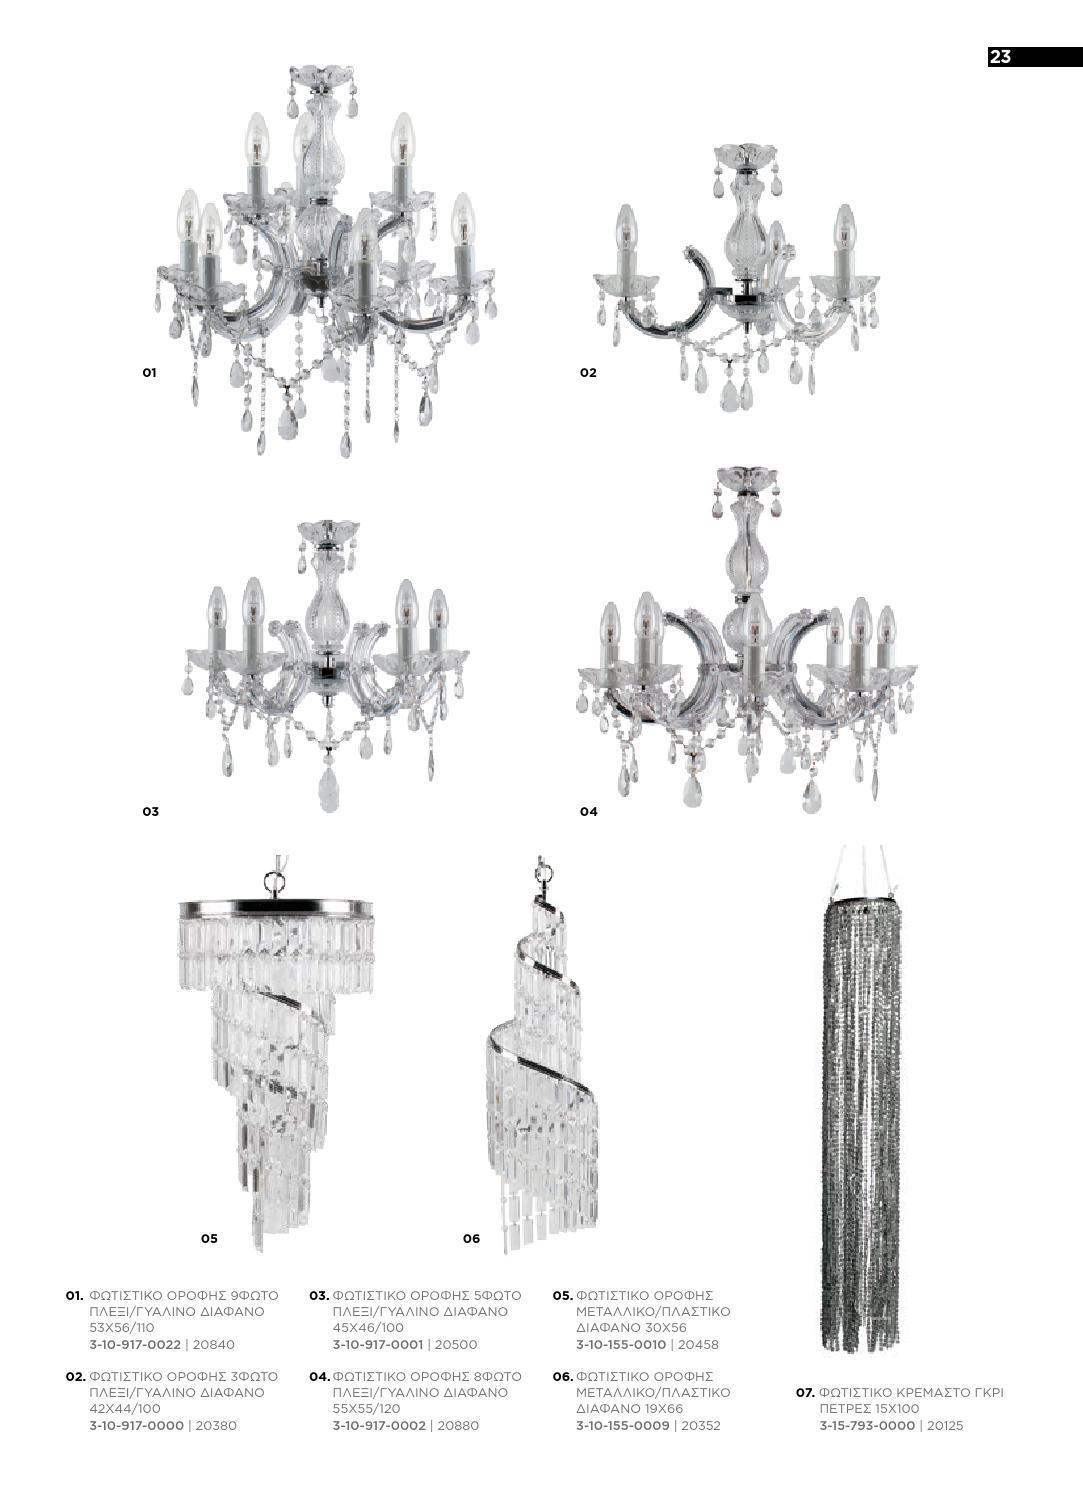 inart 2015年欧美室内家居灯饰设计素材._1083*1496